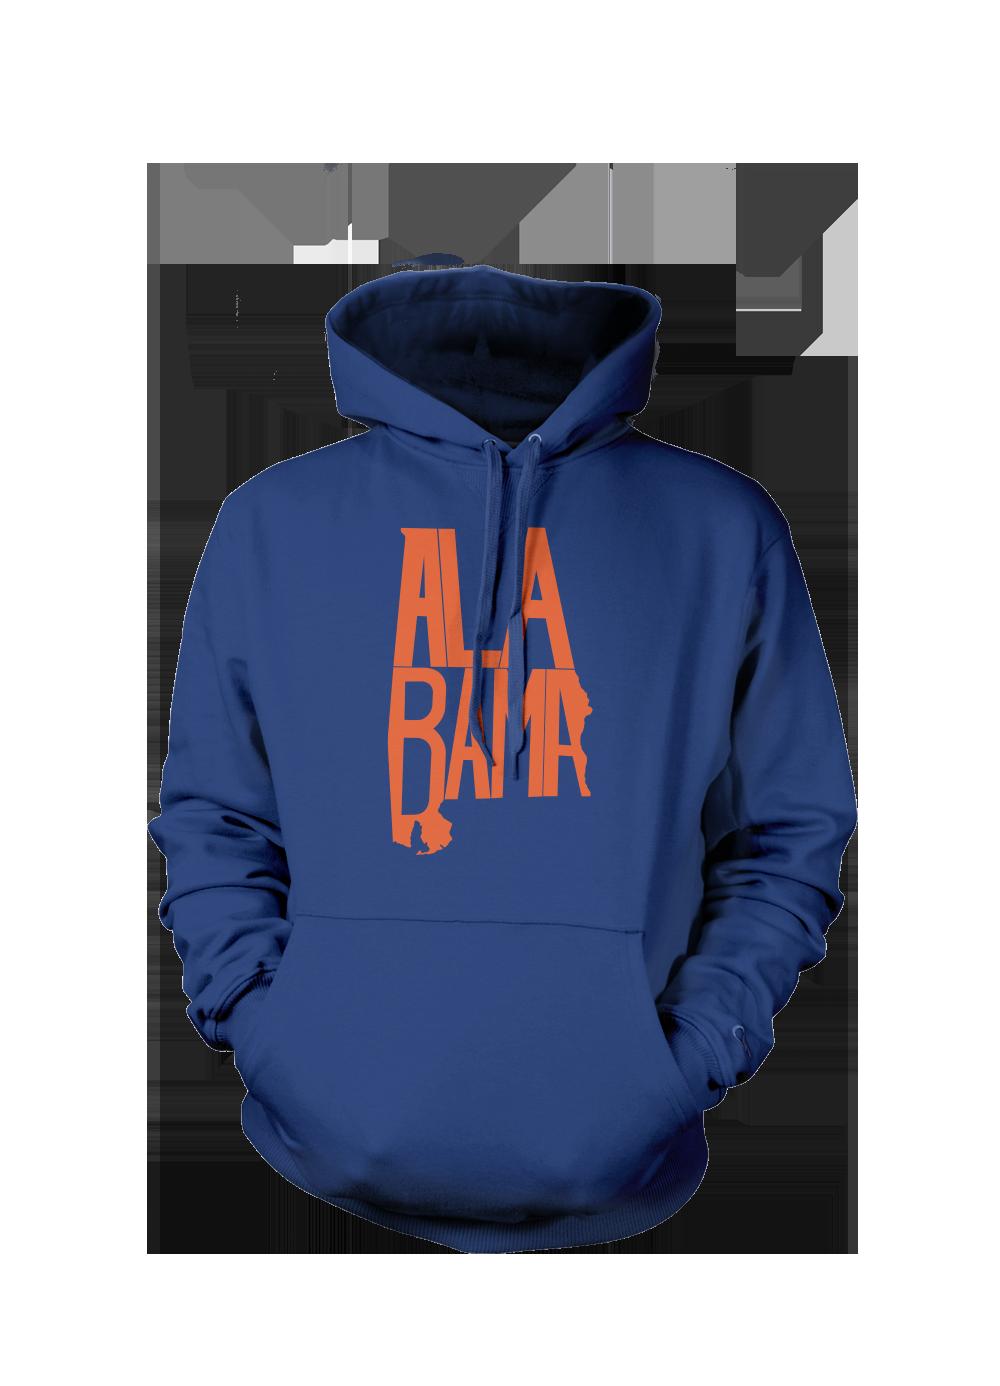 Alabama Stately Hooded Sweatshirt